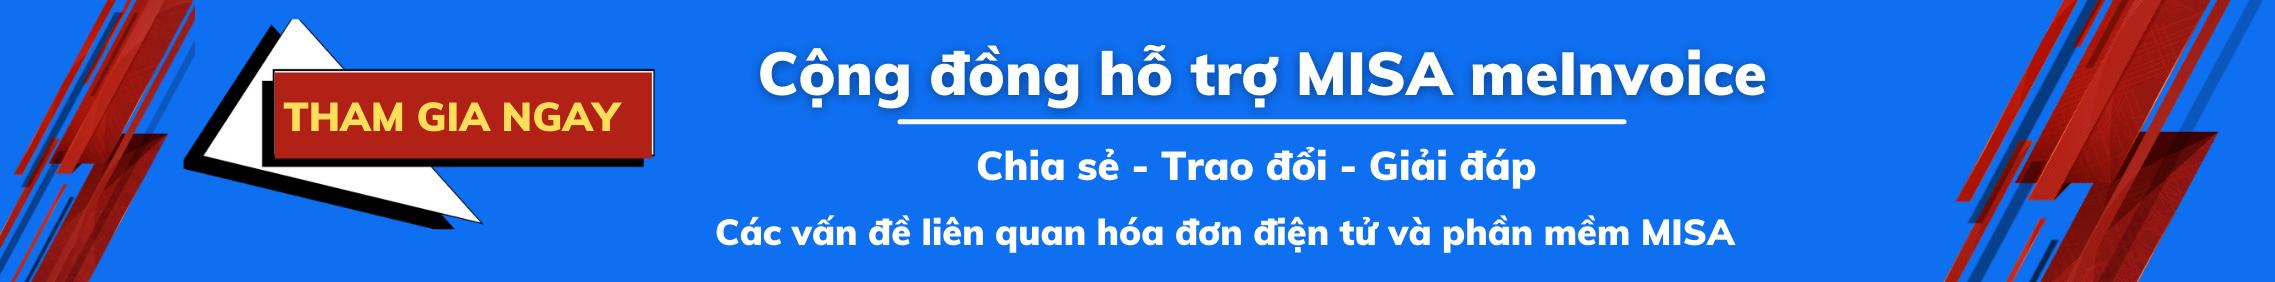 THAM GIA NGAY (7).png